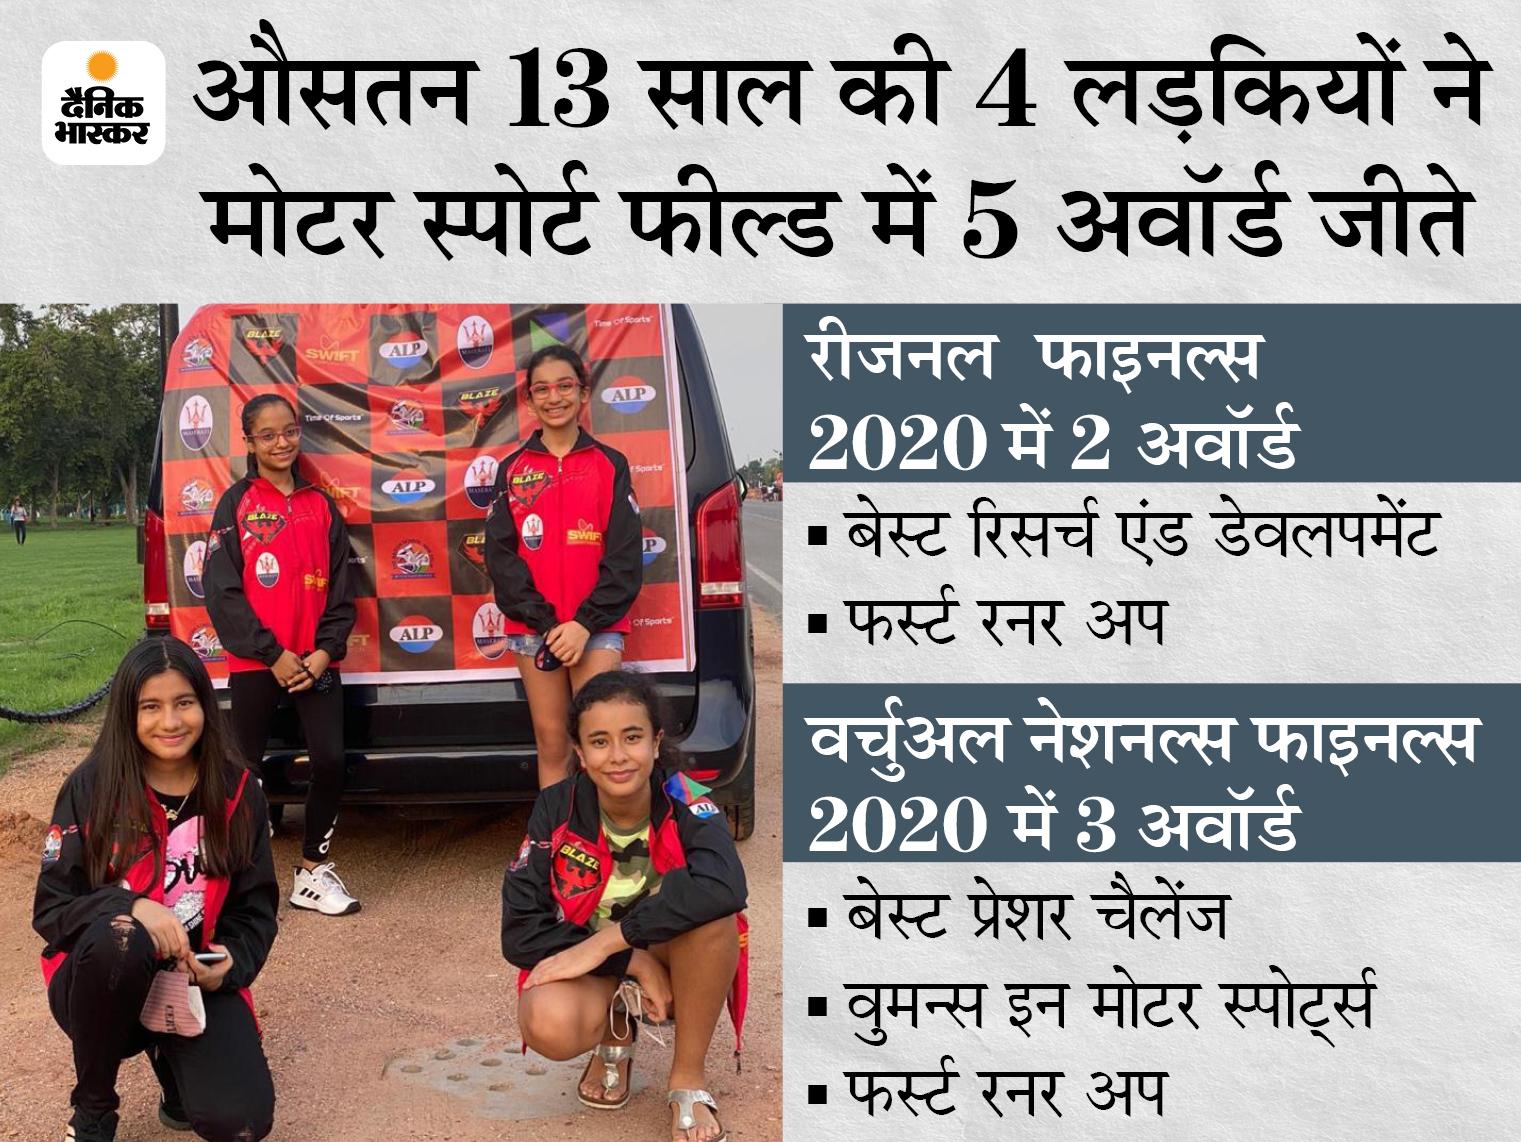 F1 स्कूल वर्ल्ड चैंपियनशिप फाइनल में हिस्सा लेने वाली भारत की लड़कियों की इकलौती टीम; औसतन 13 साल की उम्र वाली इस टीम ने कई बड़ी टीमों को हराया|स्पोर्ट्स,Sports - Dainik Bhaskar